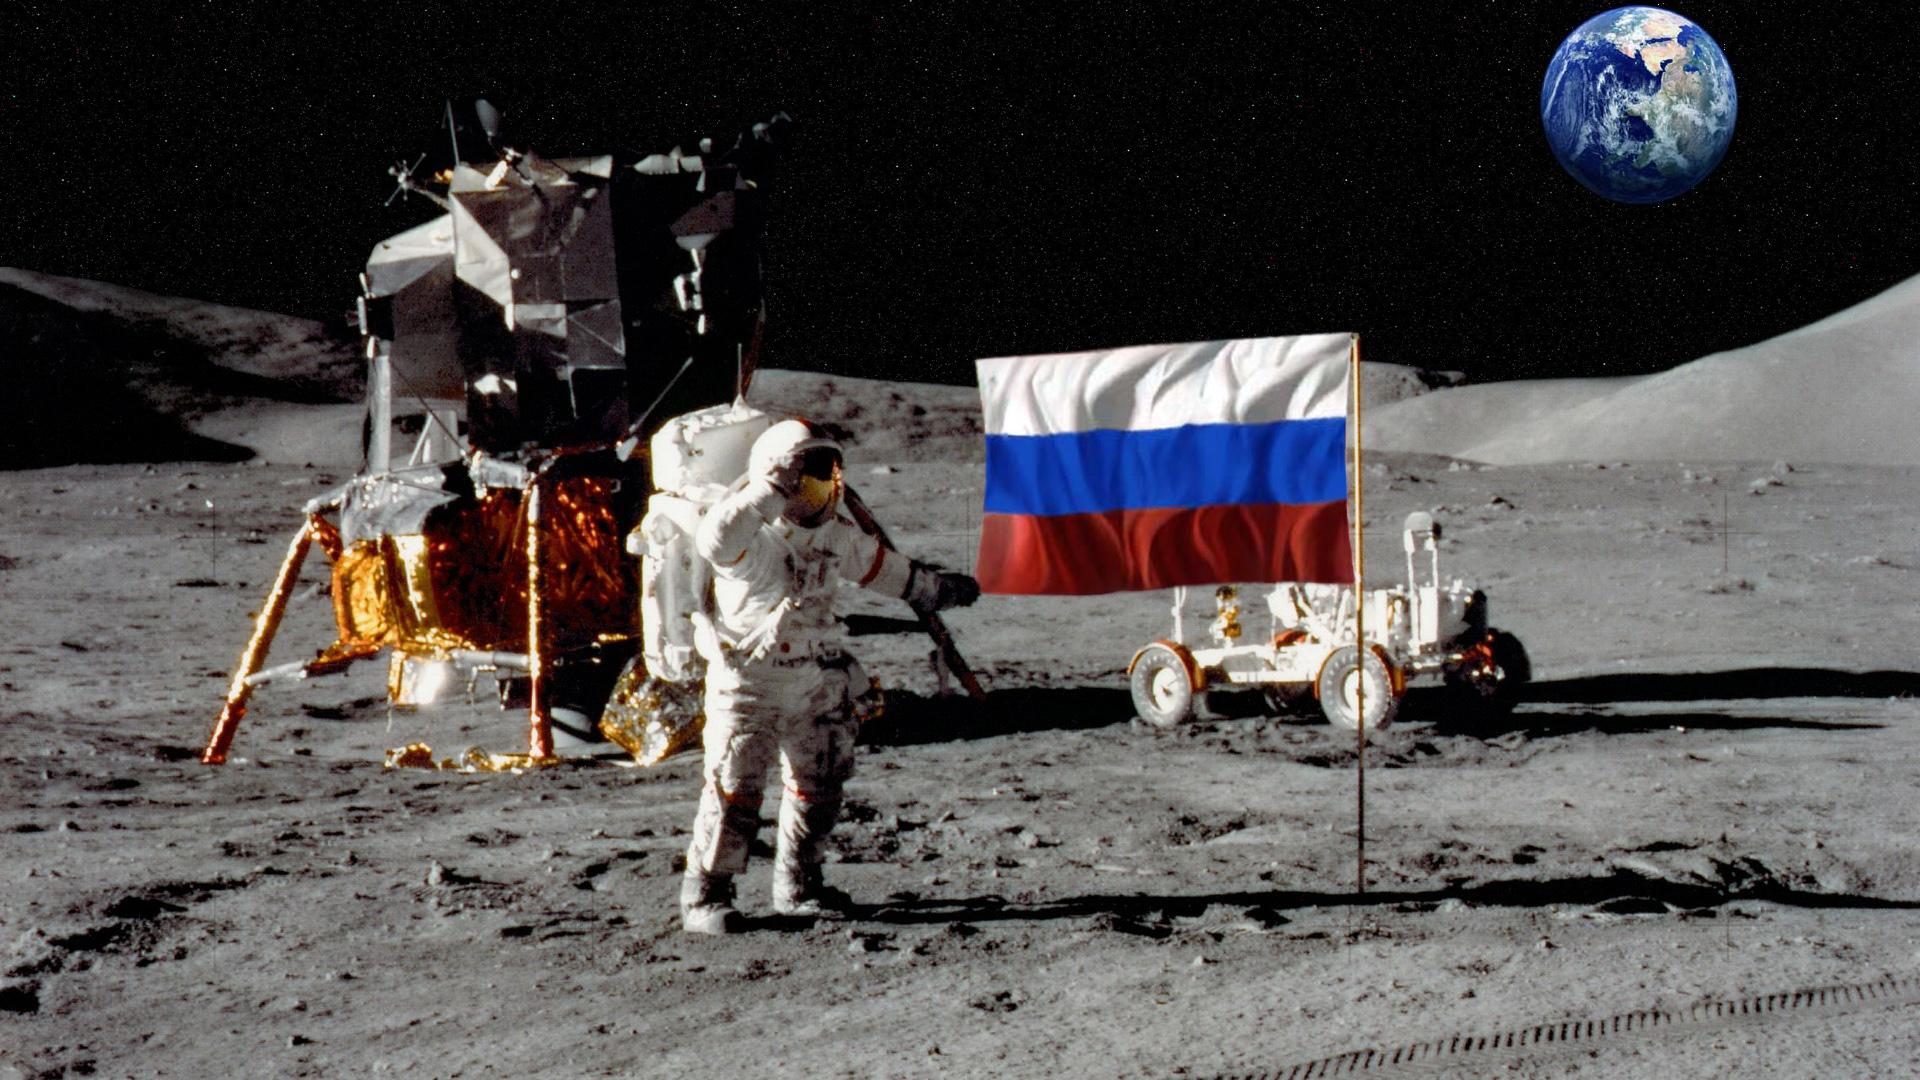 Была посадка на луну